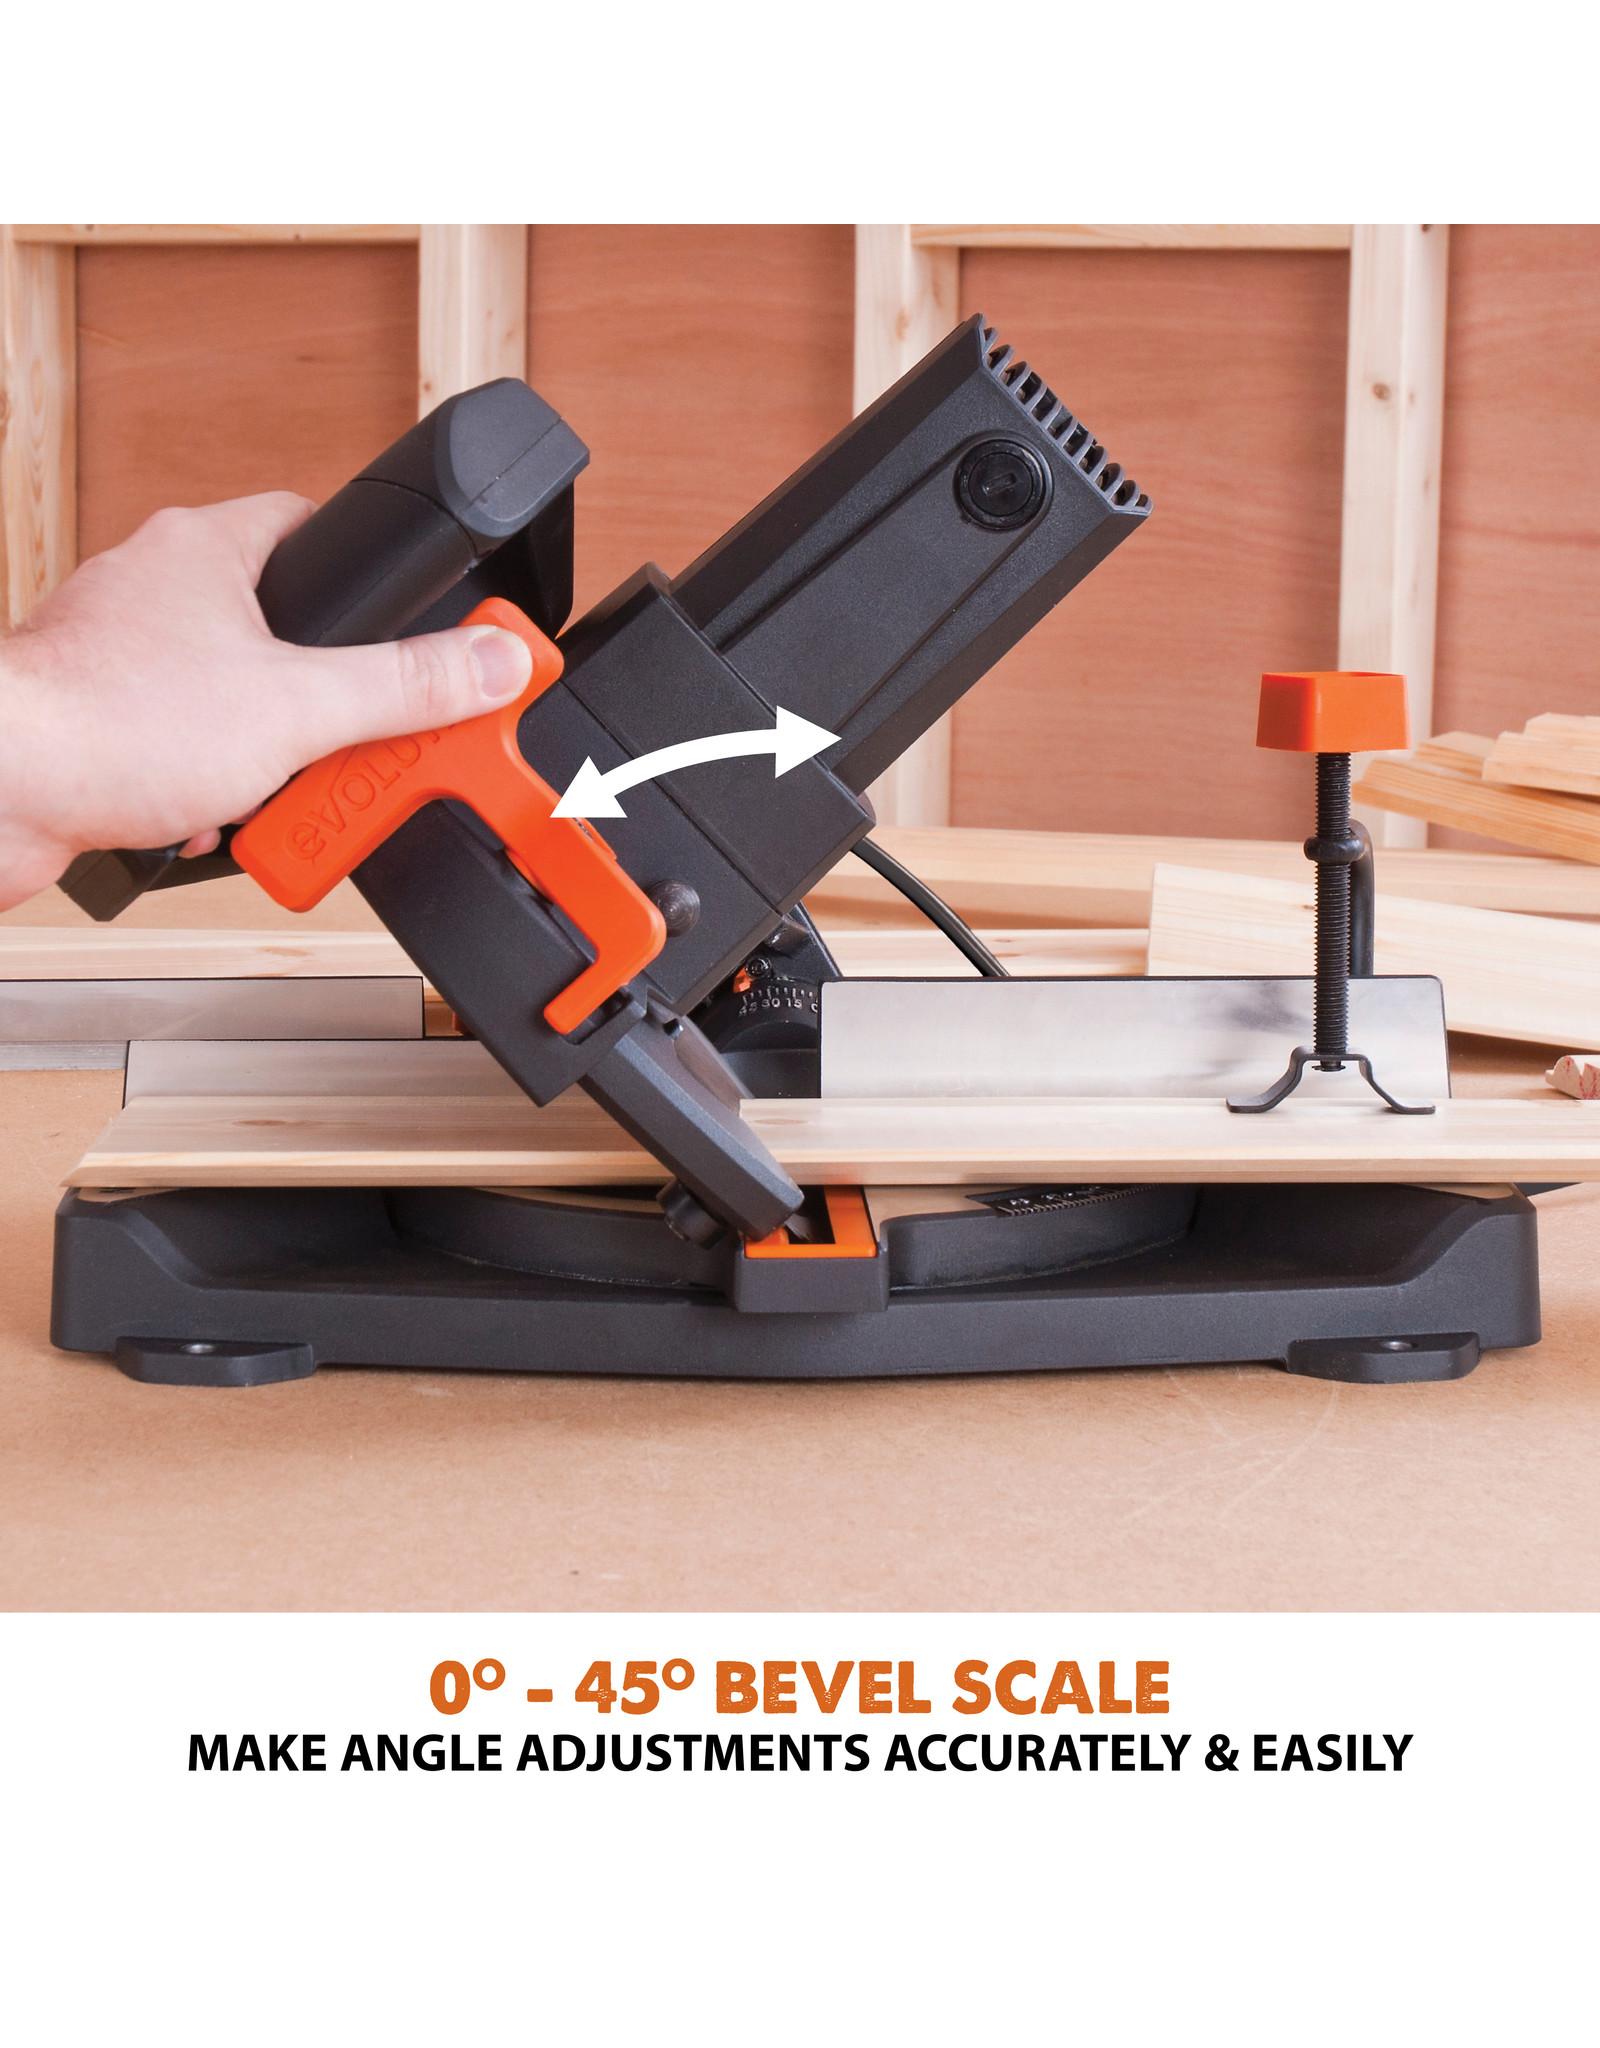 Evolution Power Tools Build Line VEELZIJDIGE VERSTEKZAAG RAGE R210 CMS + 1 GRATIS ZAAGBLAD